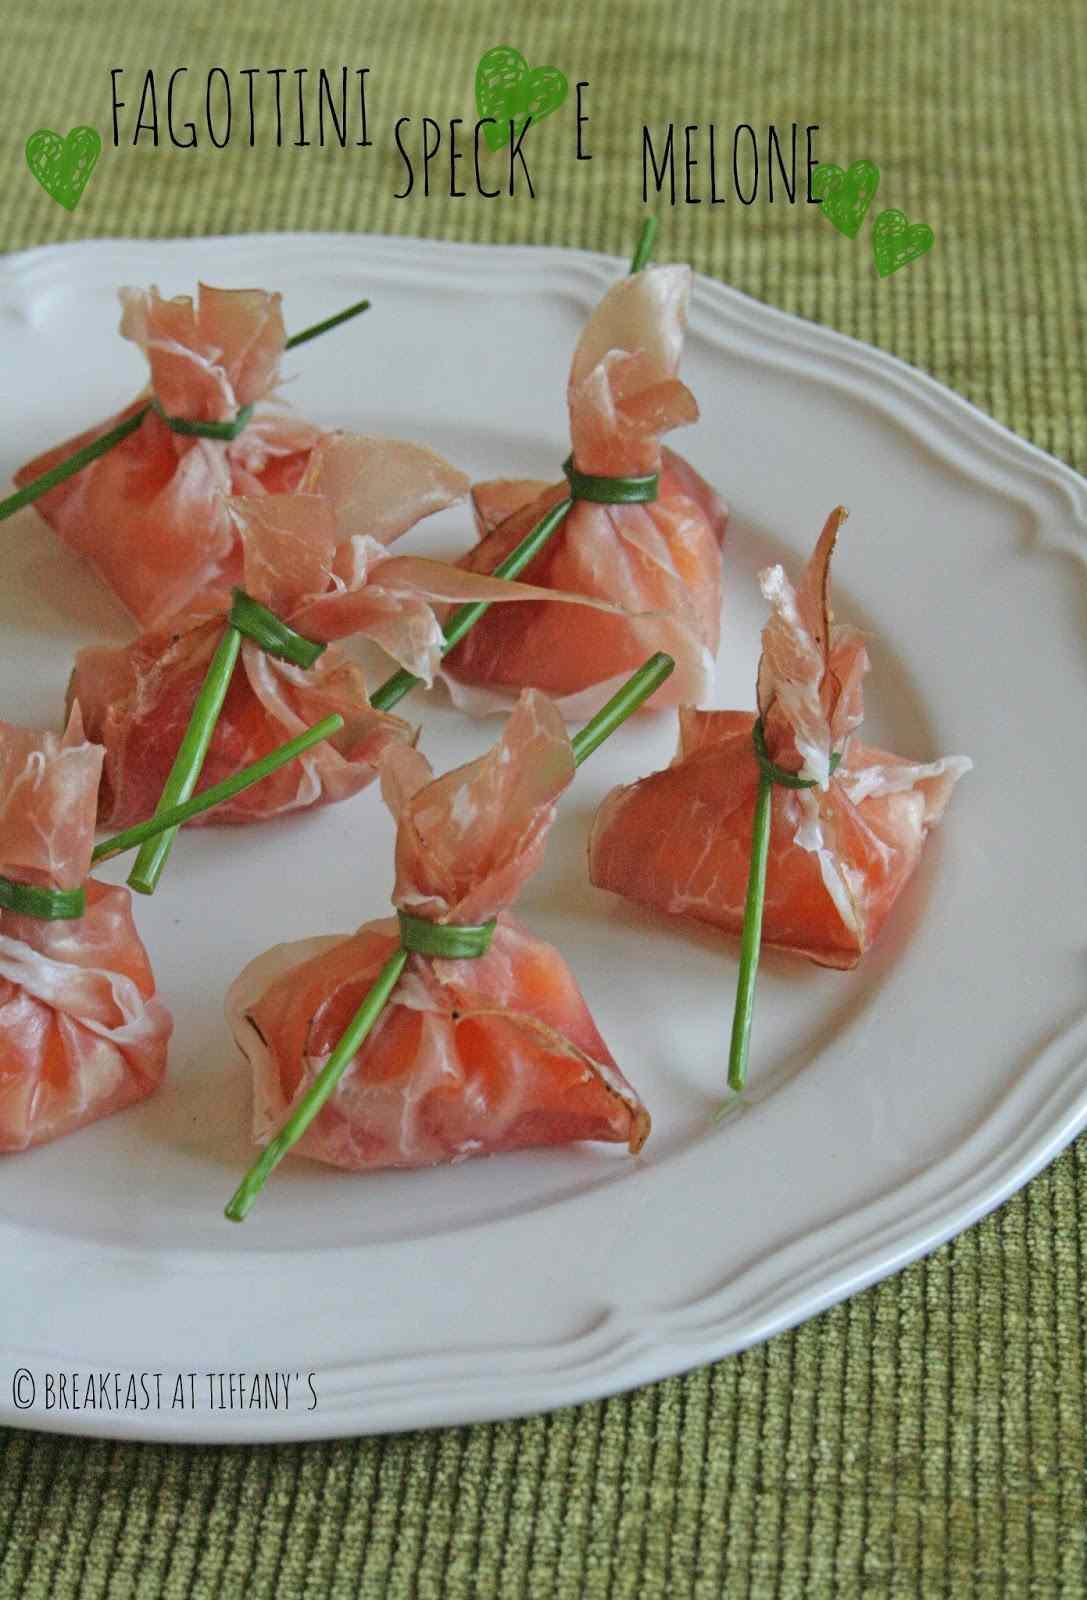 Ricetta: Fagottini speck e melone / speck  melon turnovers recipe